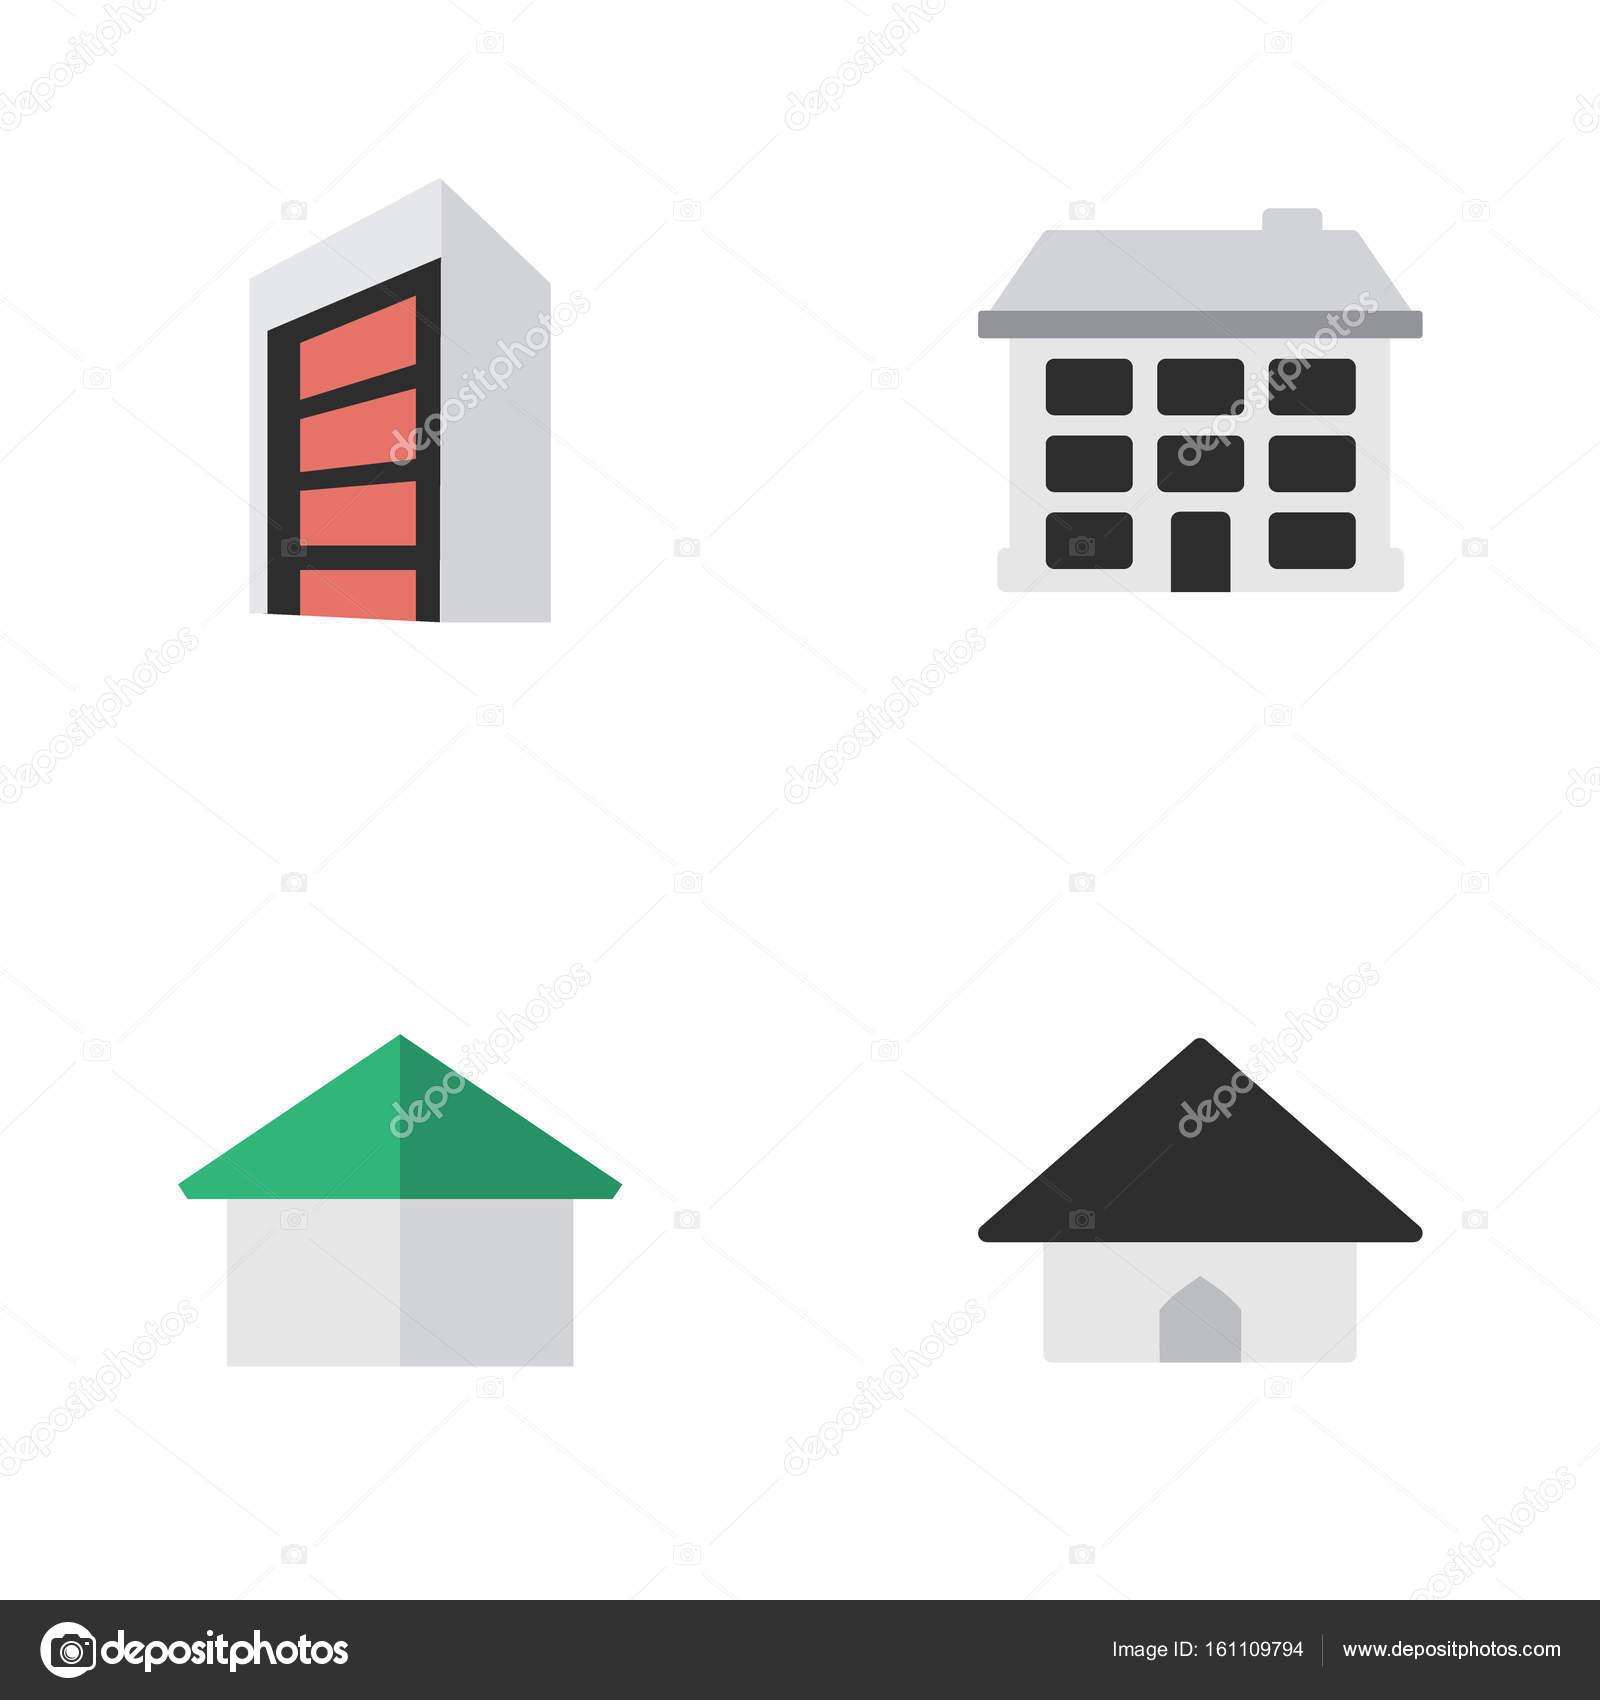 シンプルな本物のアイコンのベクトル イラスト セット要素建設建築